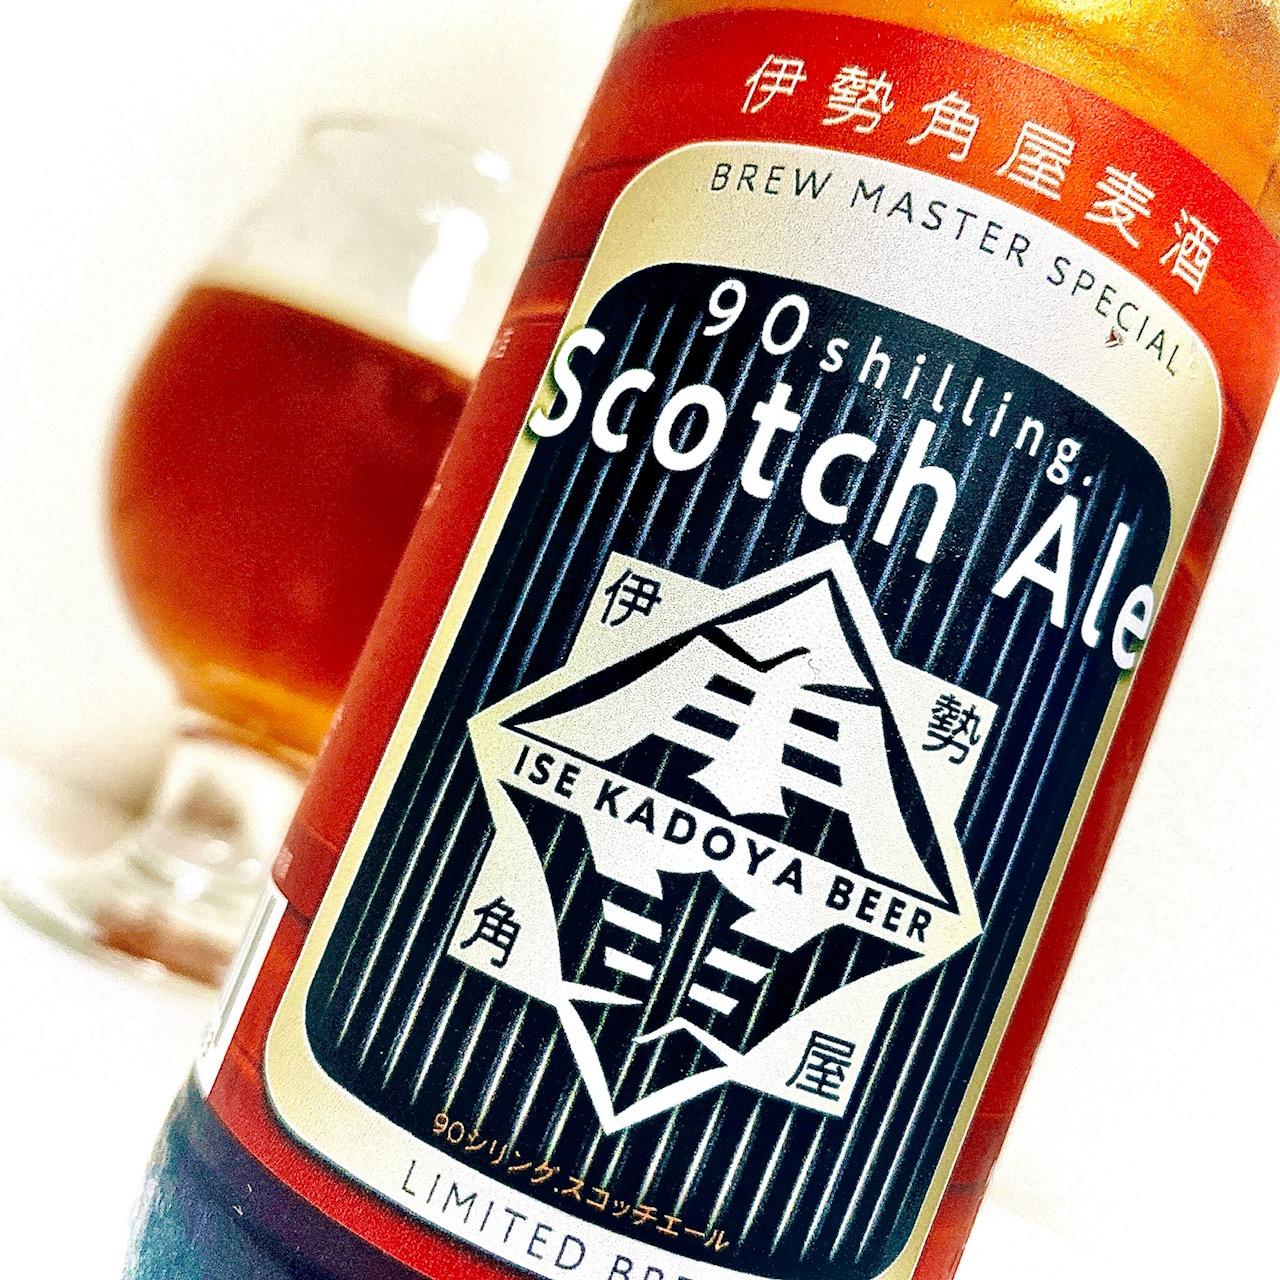 有限会社二軒茶屋餅角屋本店「伊勢門屋麦酒 出口スペシャル 90s.Scotch Ale」